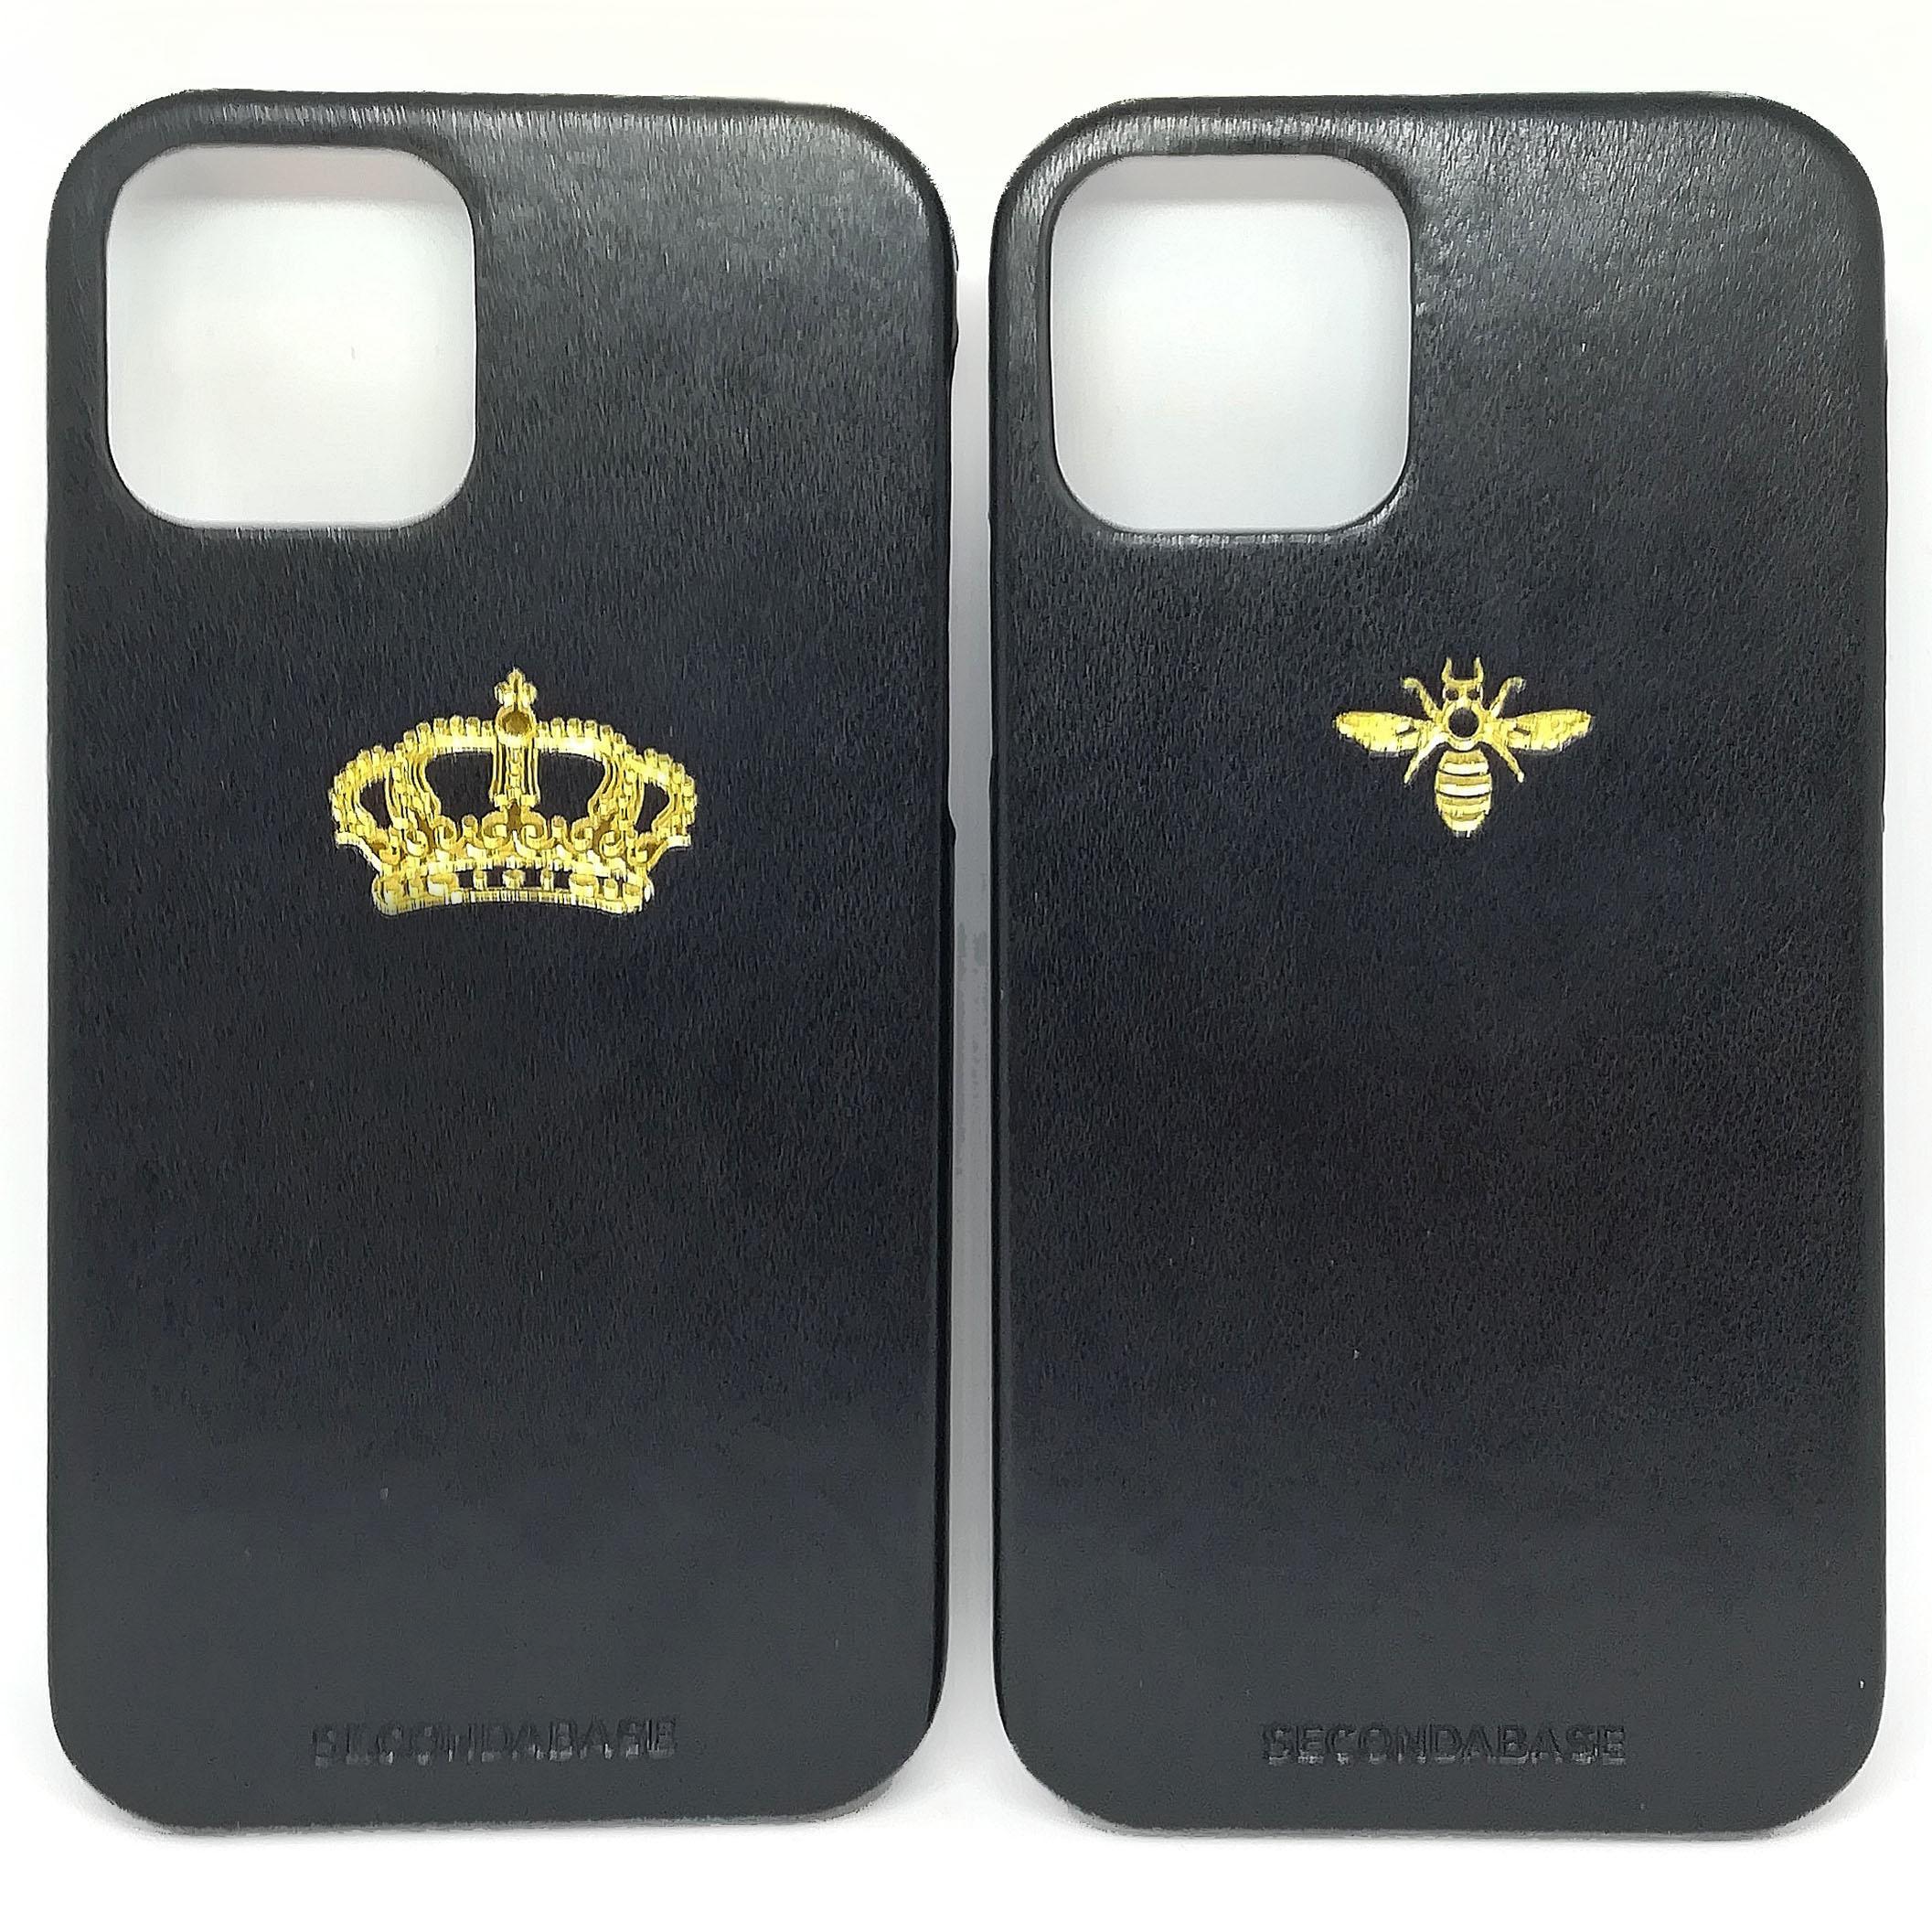 Cover in ecopelle nera marchiata oro a caldo per iPhone 11, 11 Pro e 11 Pro Max